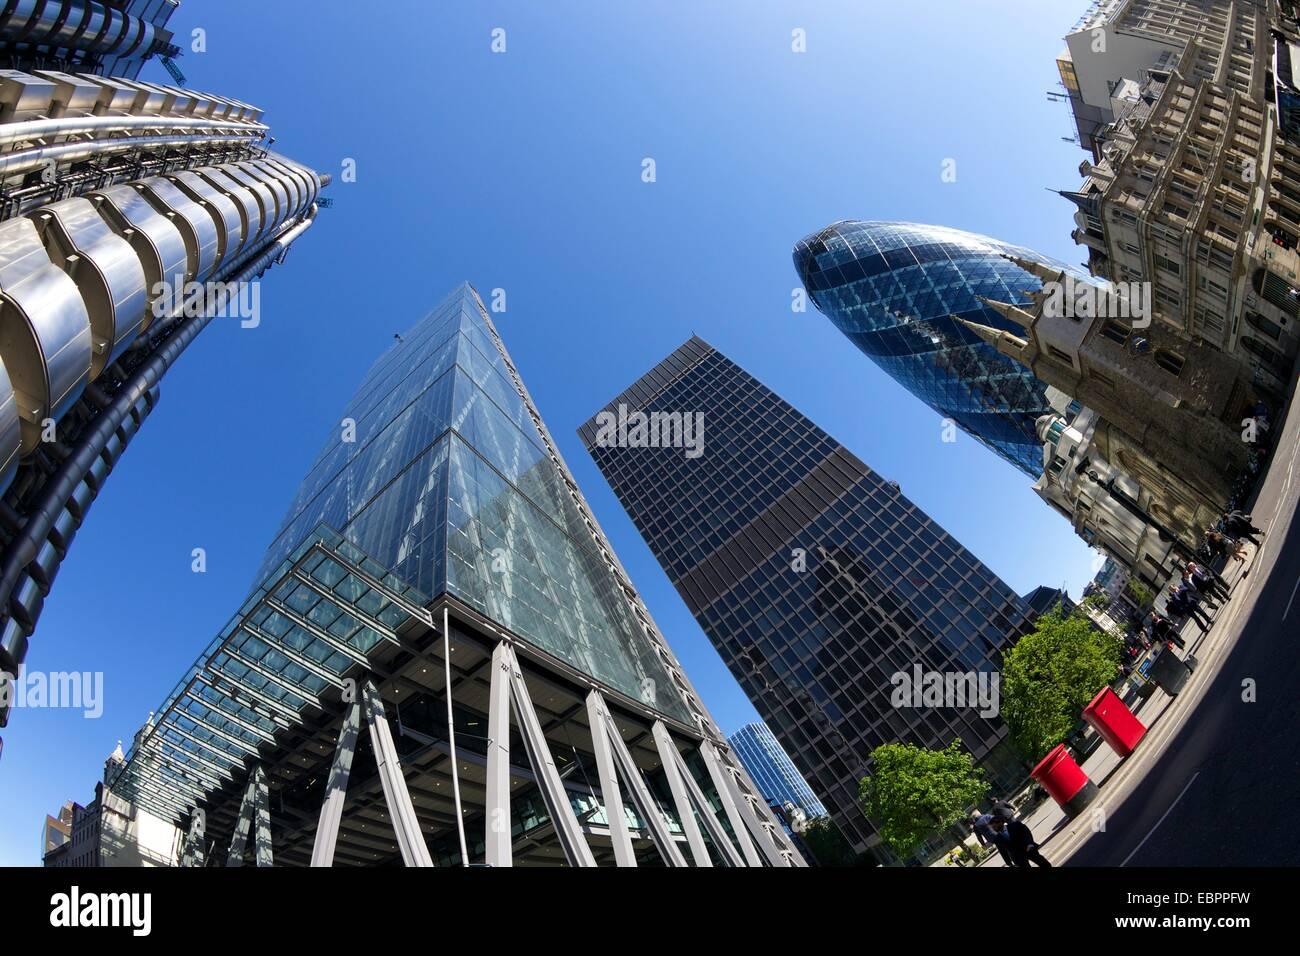 El distrito financiero de la ciudad de Londres con pepinillo, edificio Lloyds, QUESO RALLADOR y NatWest Tower, England, Imagen De Stock